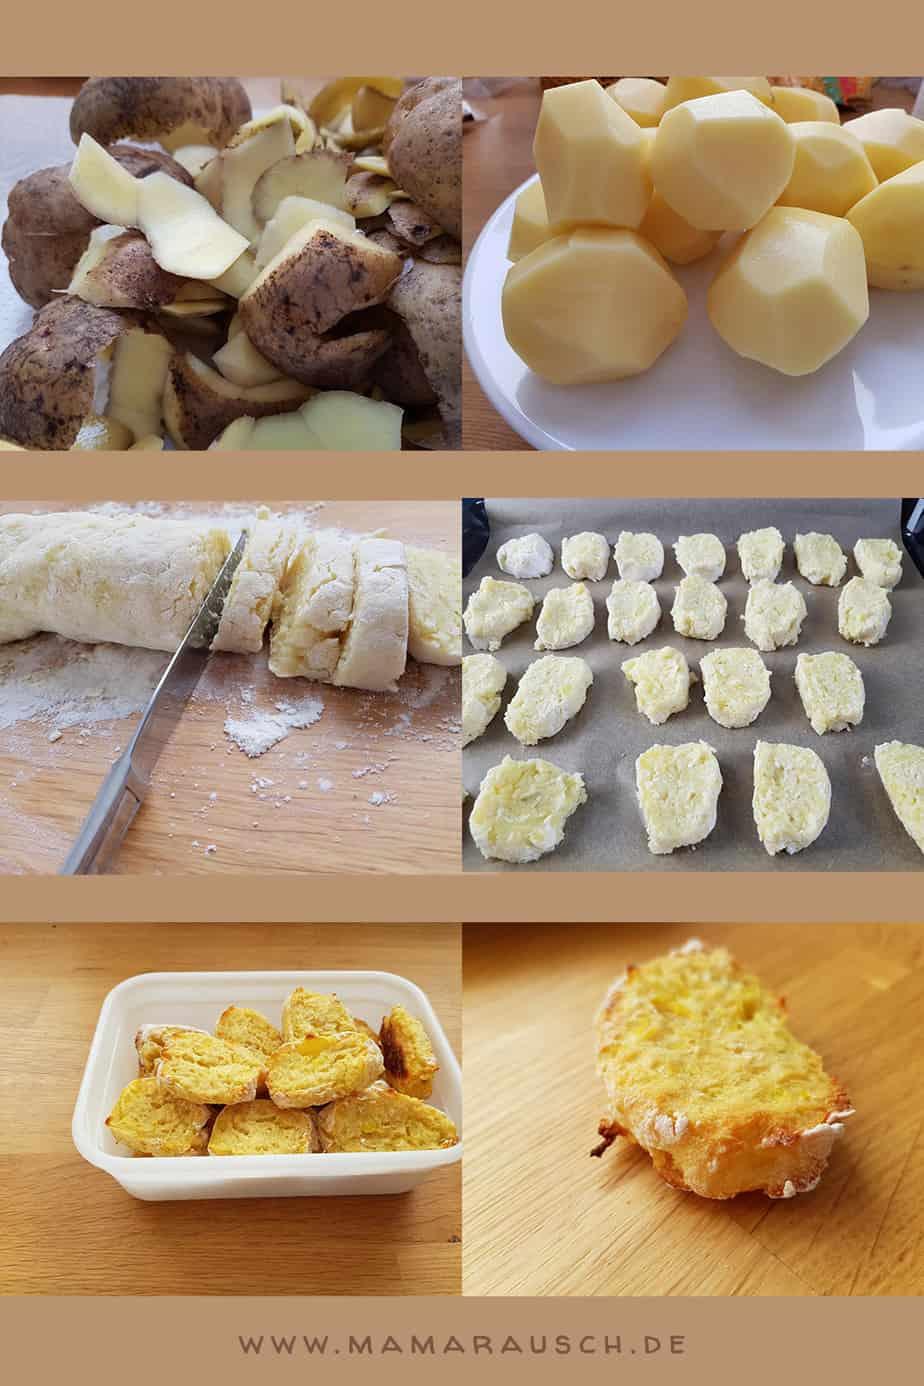 Kartoffel-Kekse backen für Babys.Gesunde Kartoffel Snacks fürs Baby und fürs Kleinkind backen, ideal für die kleine Zwischenmahlzeit für unterwegs. Super lecker und sehr gesund!